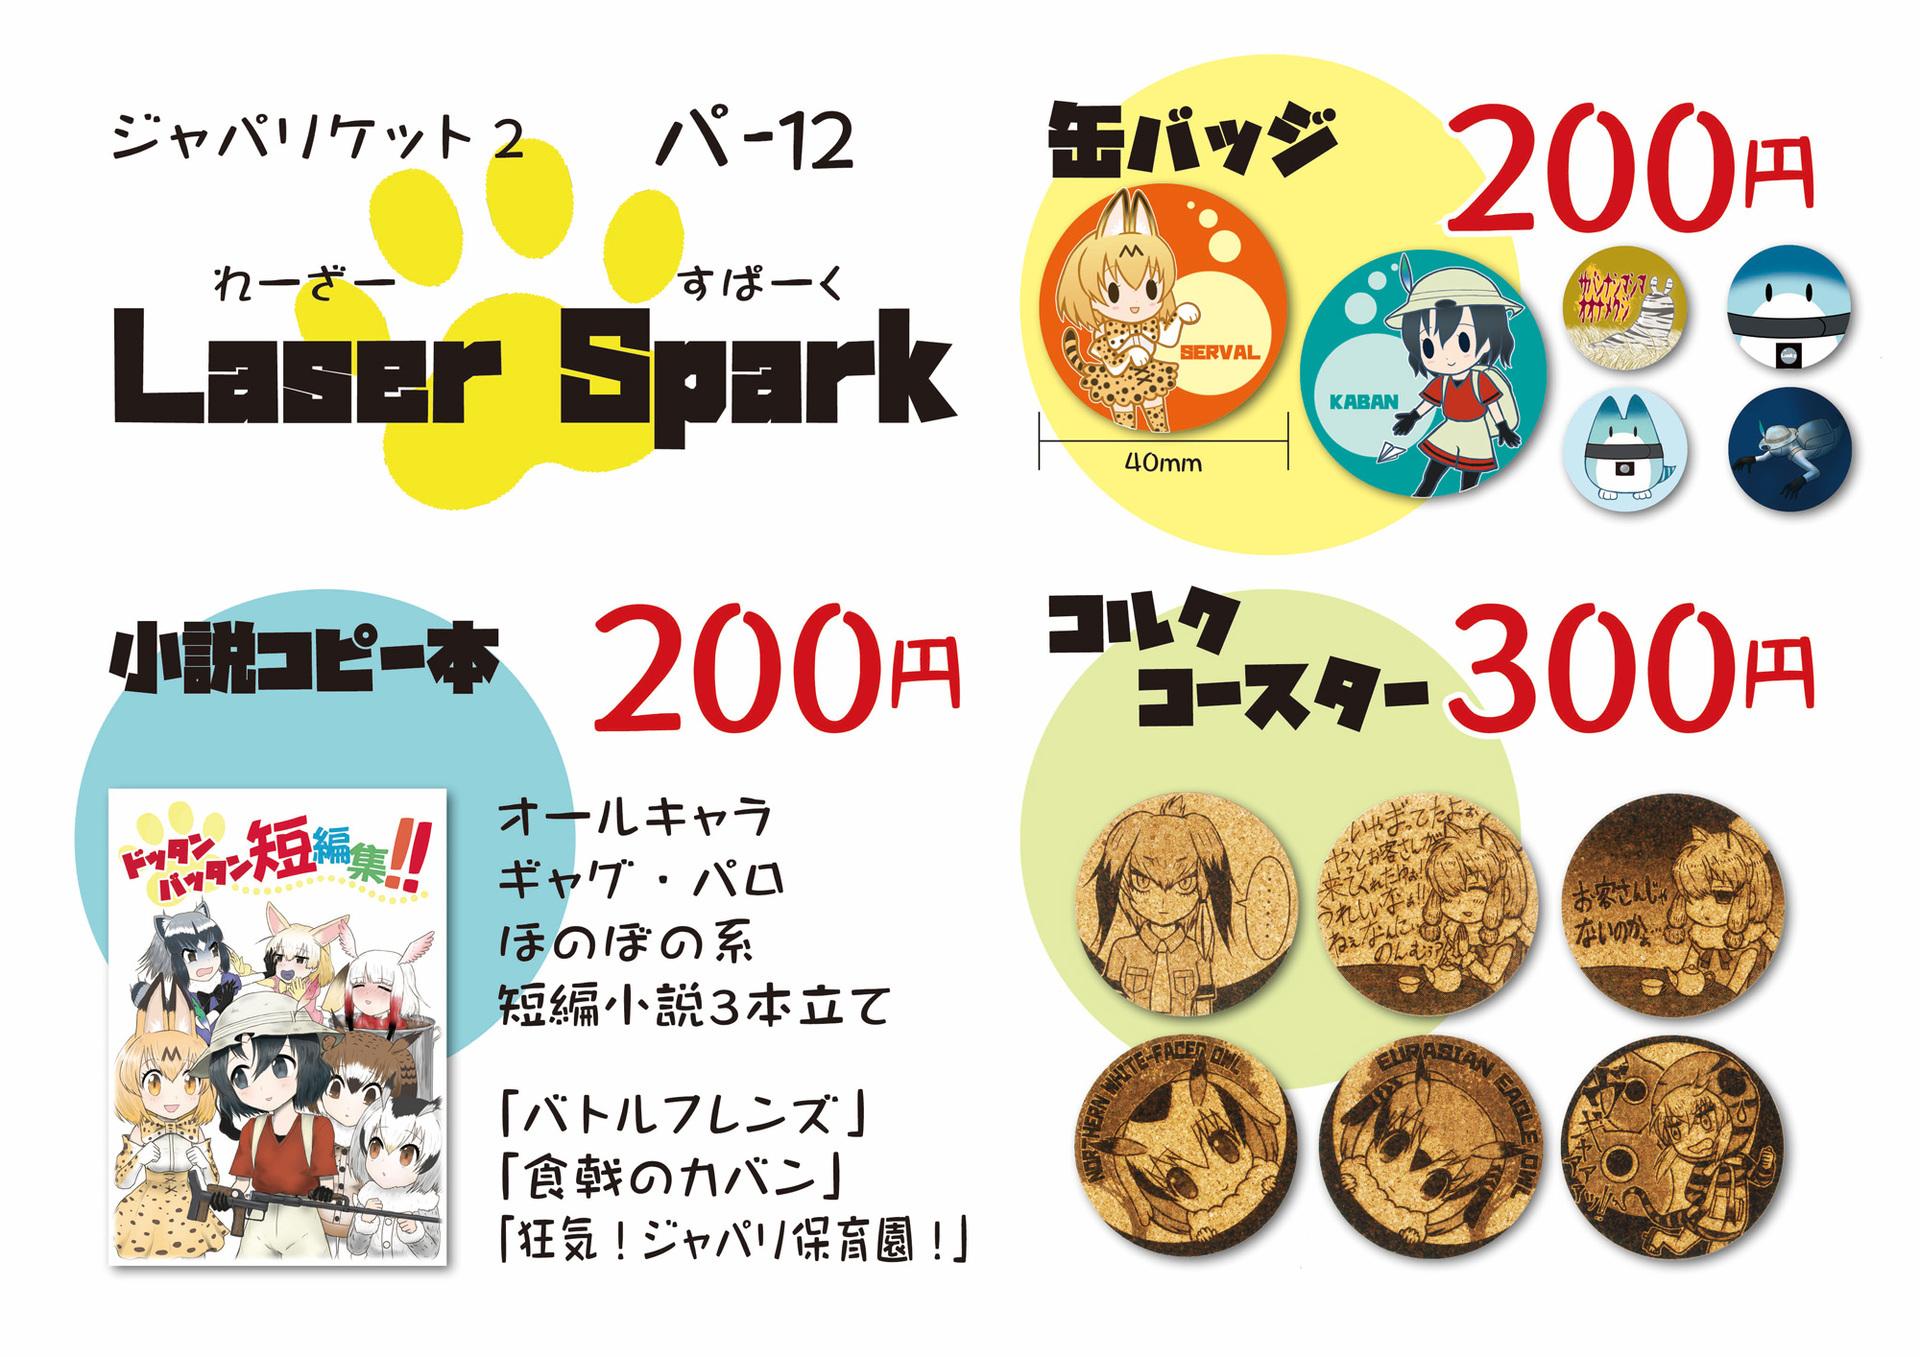 jparike-oshinagaki-10.jpg